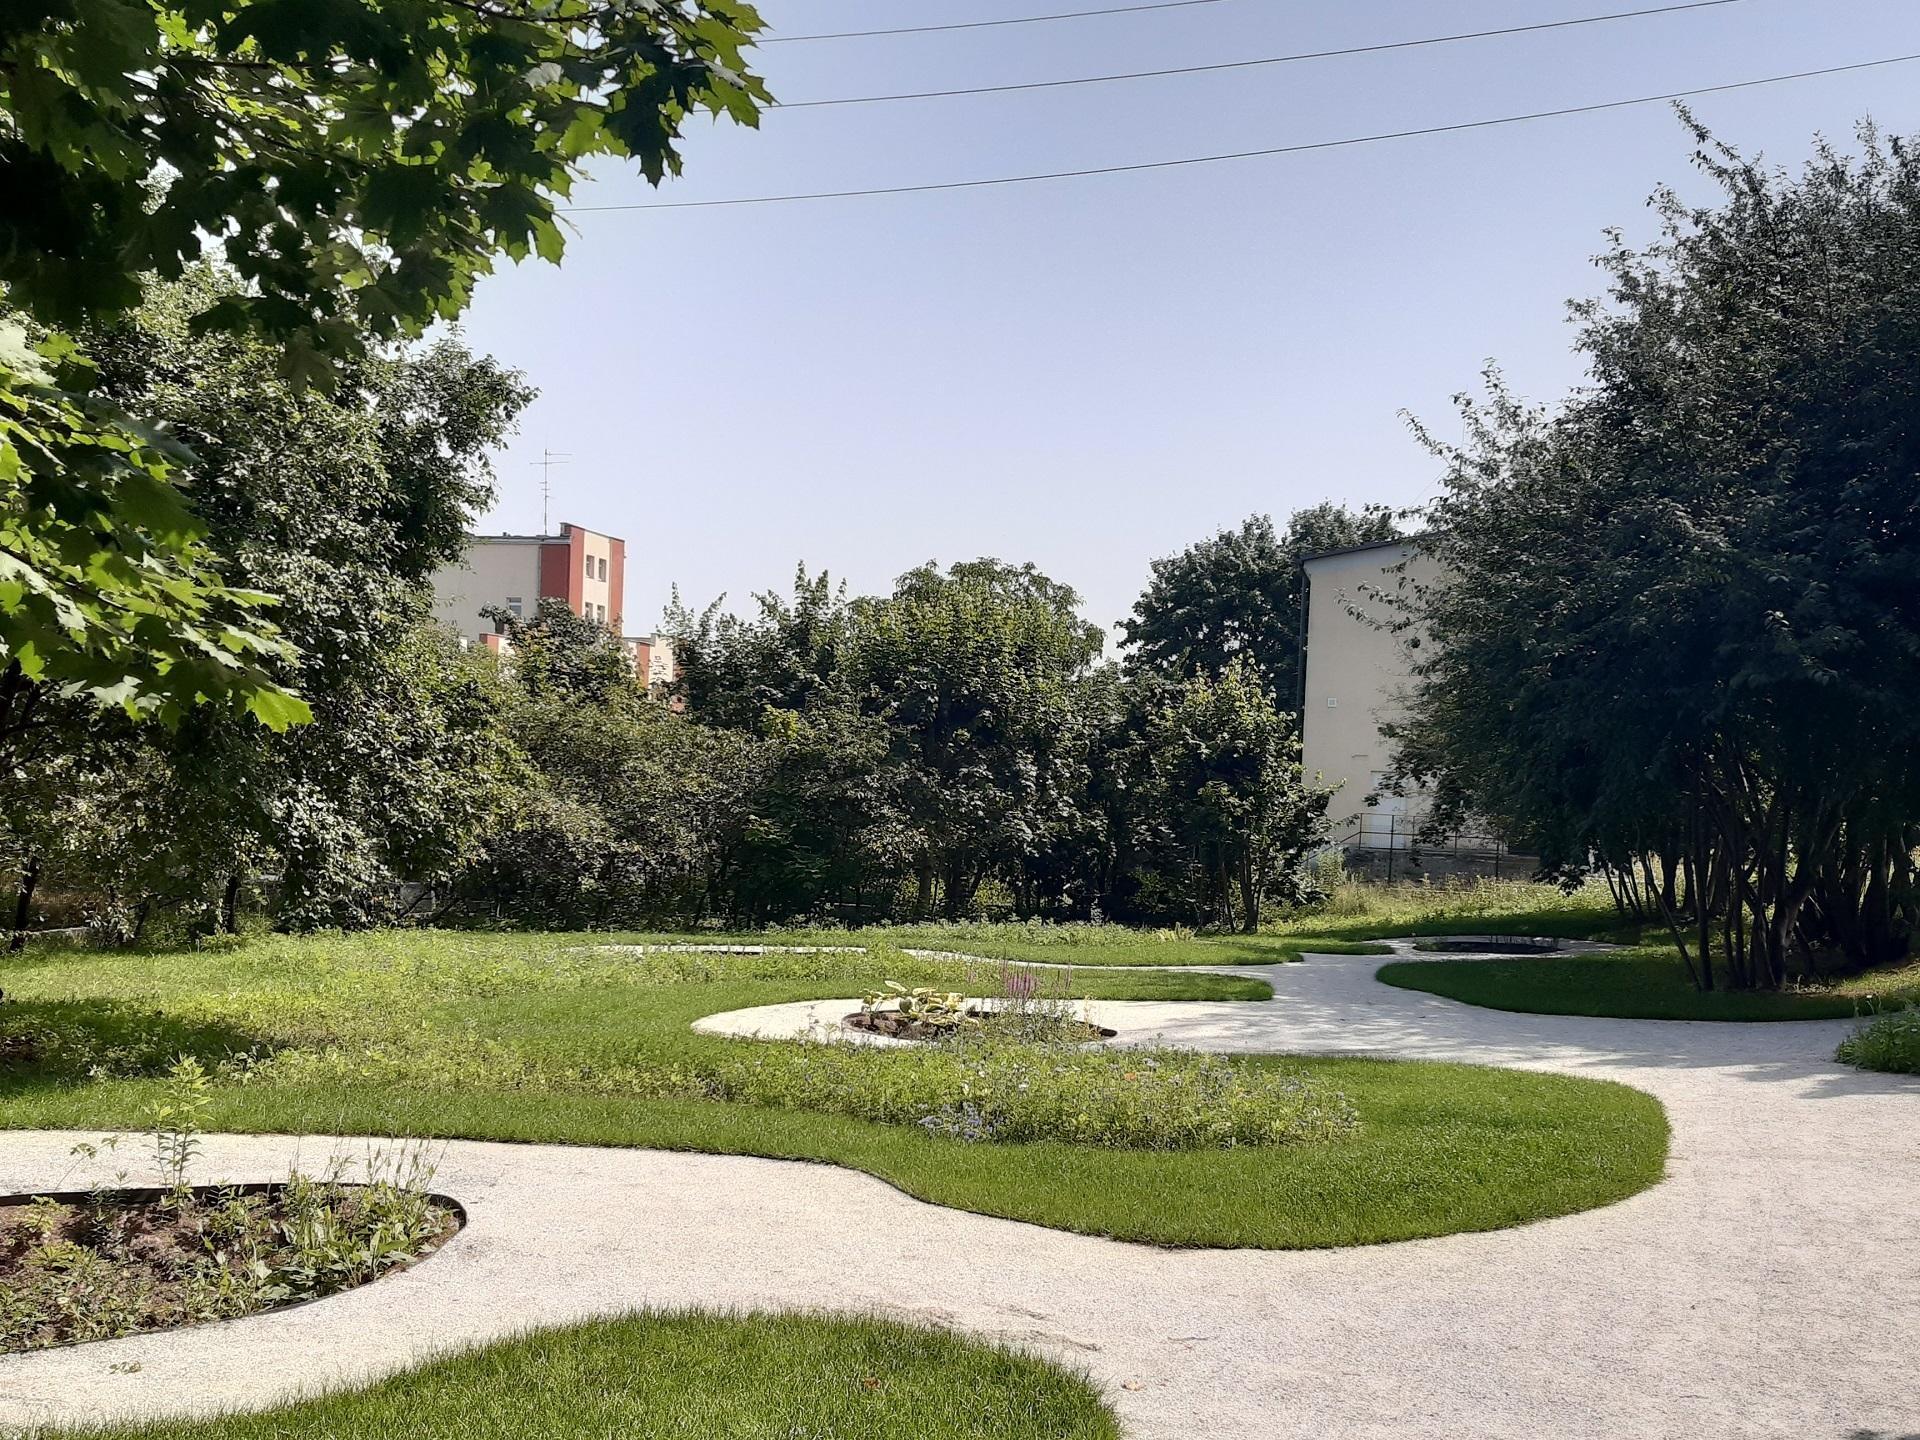 Nowy park kieszonkowy w Gdyni